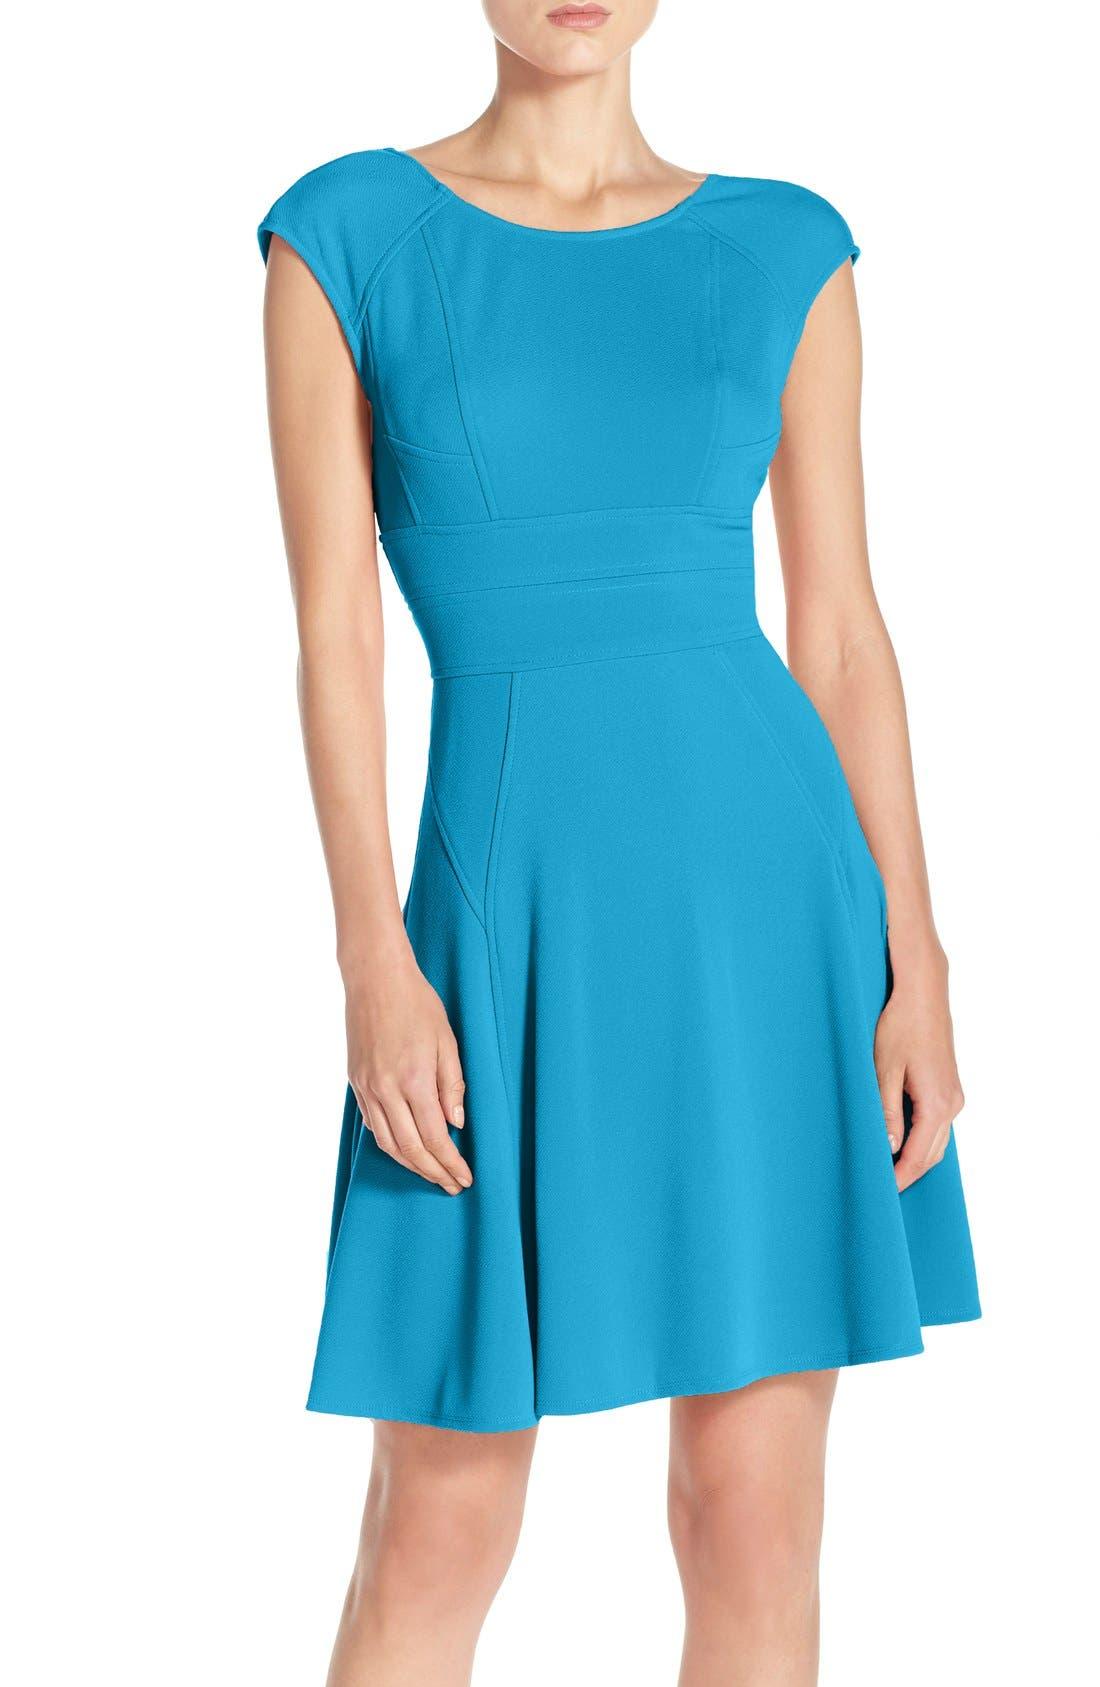 JULIA JORDAN Cap Sleeve Fit & Flare Dress